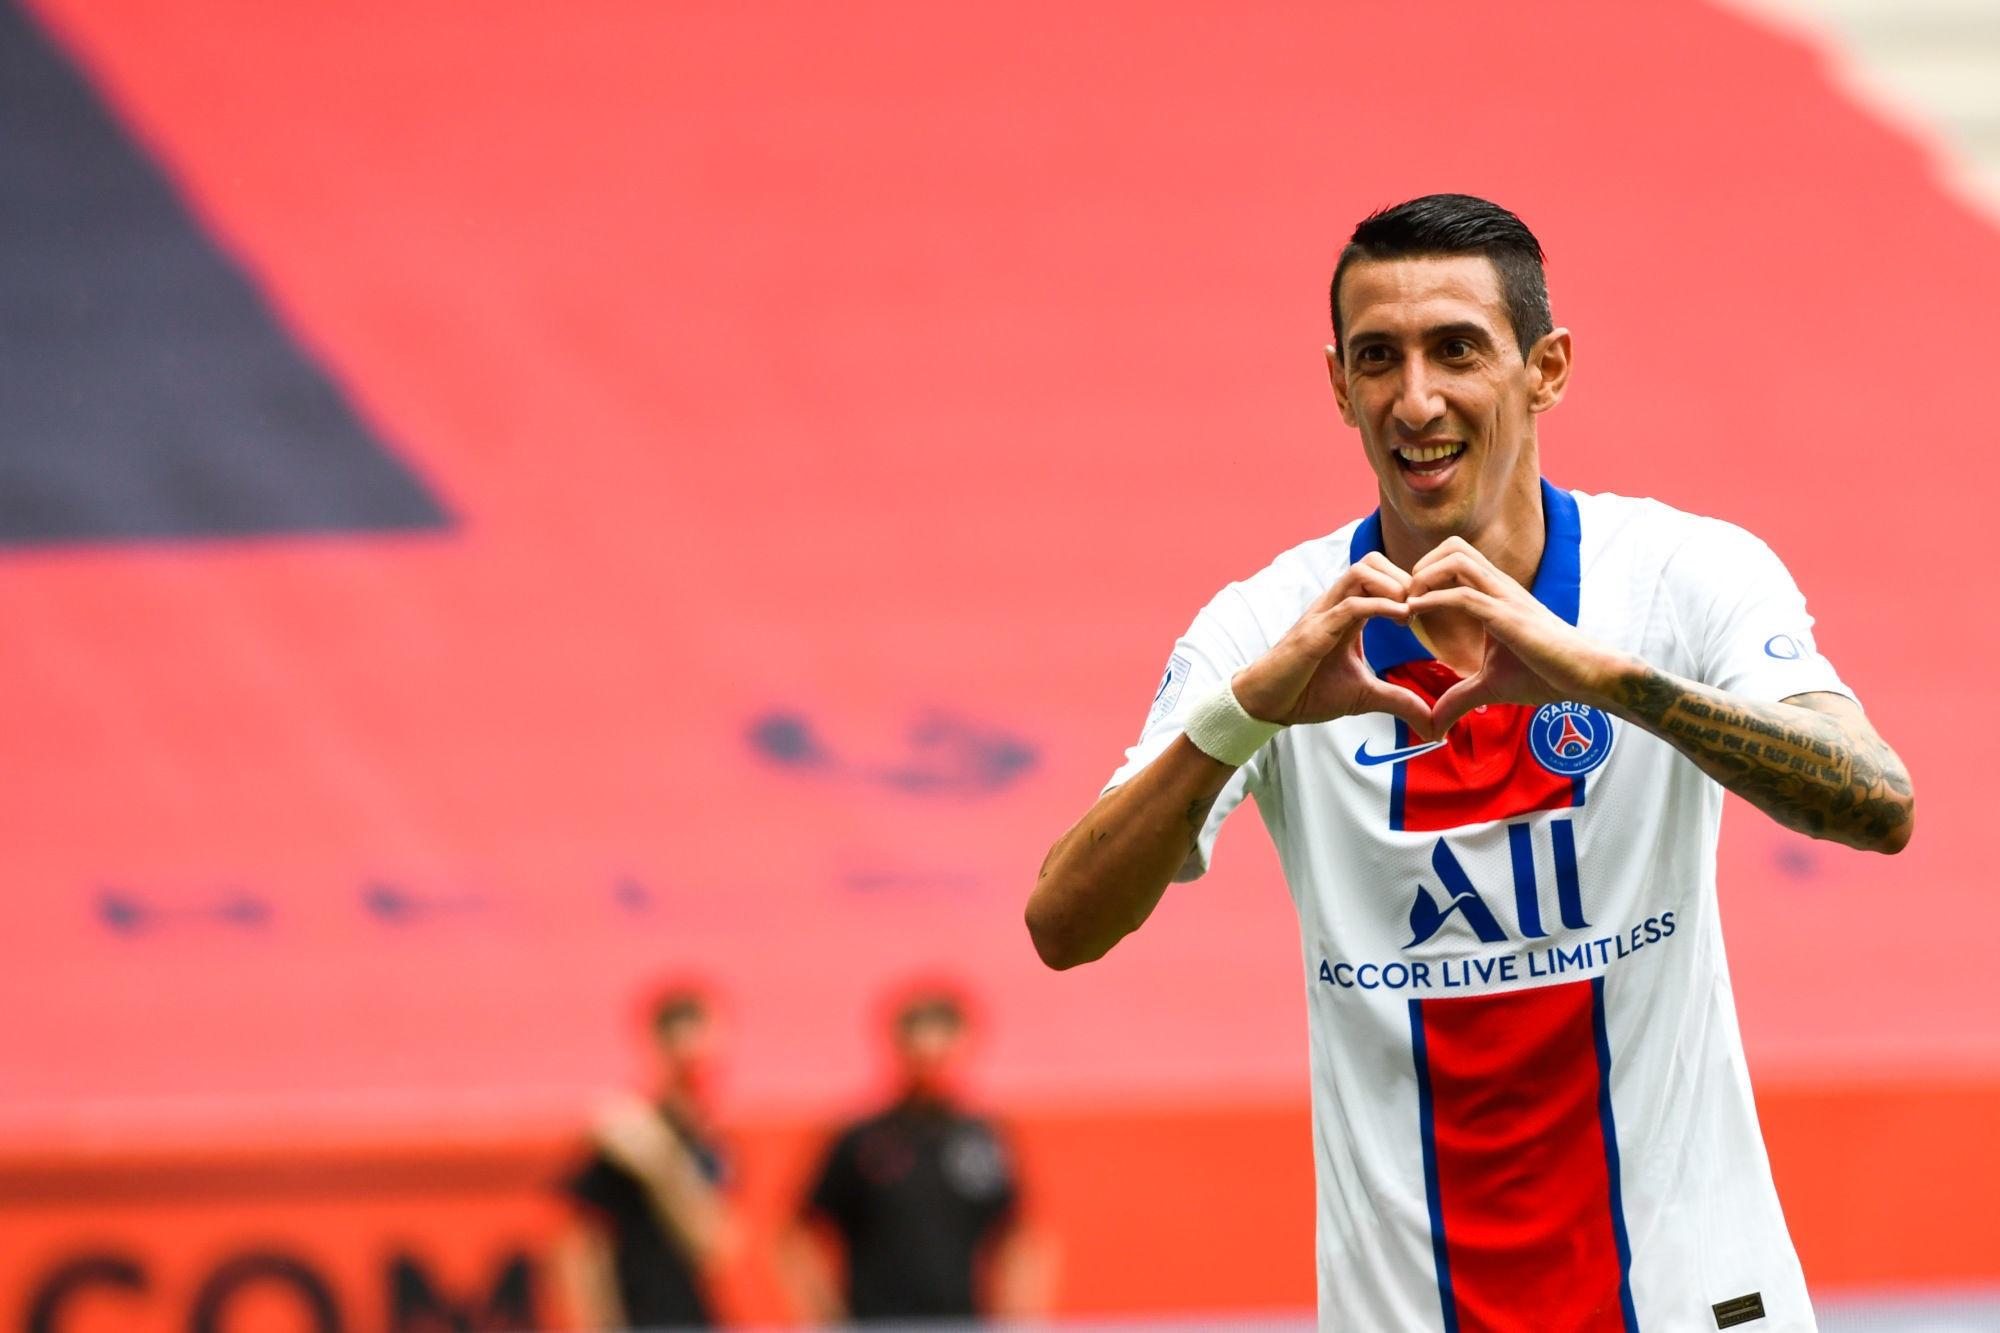 Mercato - Le PSG propose 2 ans à Di Maria, optimisme dans son entourage selon L'Equipe